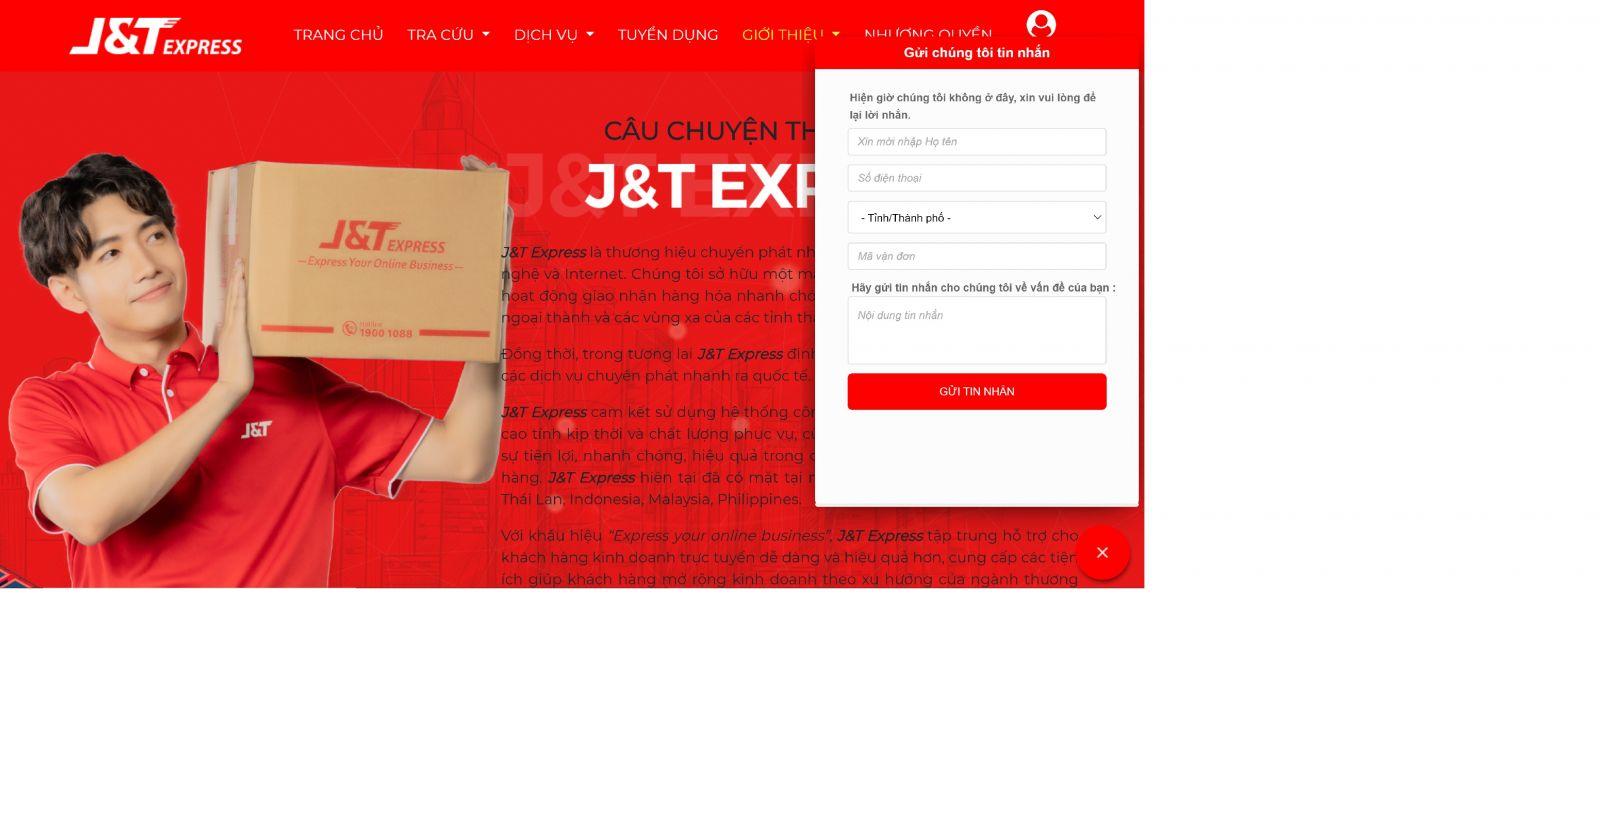 hướng dẫn liên hệ tổng đài J&T express